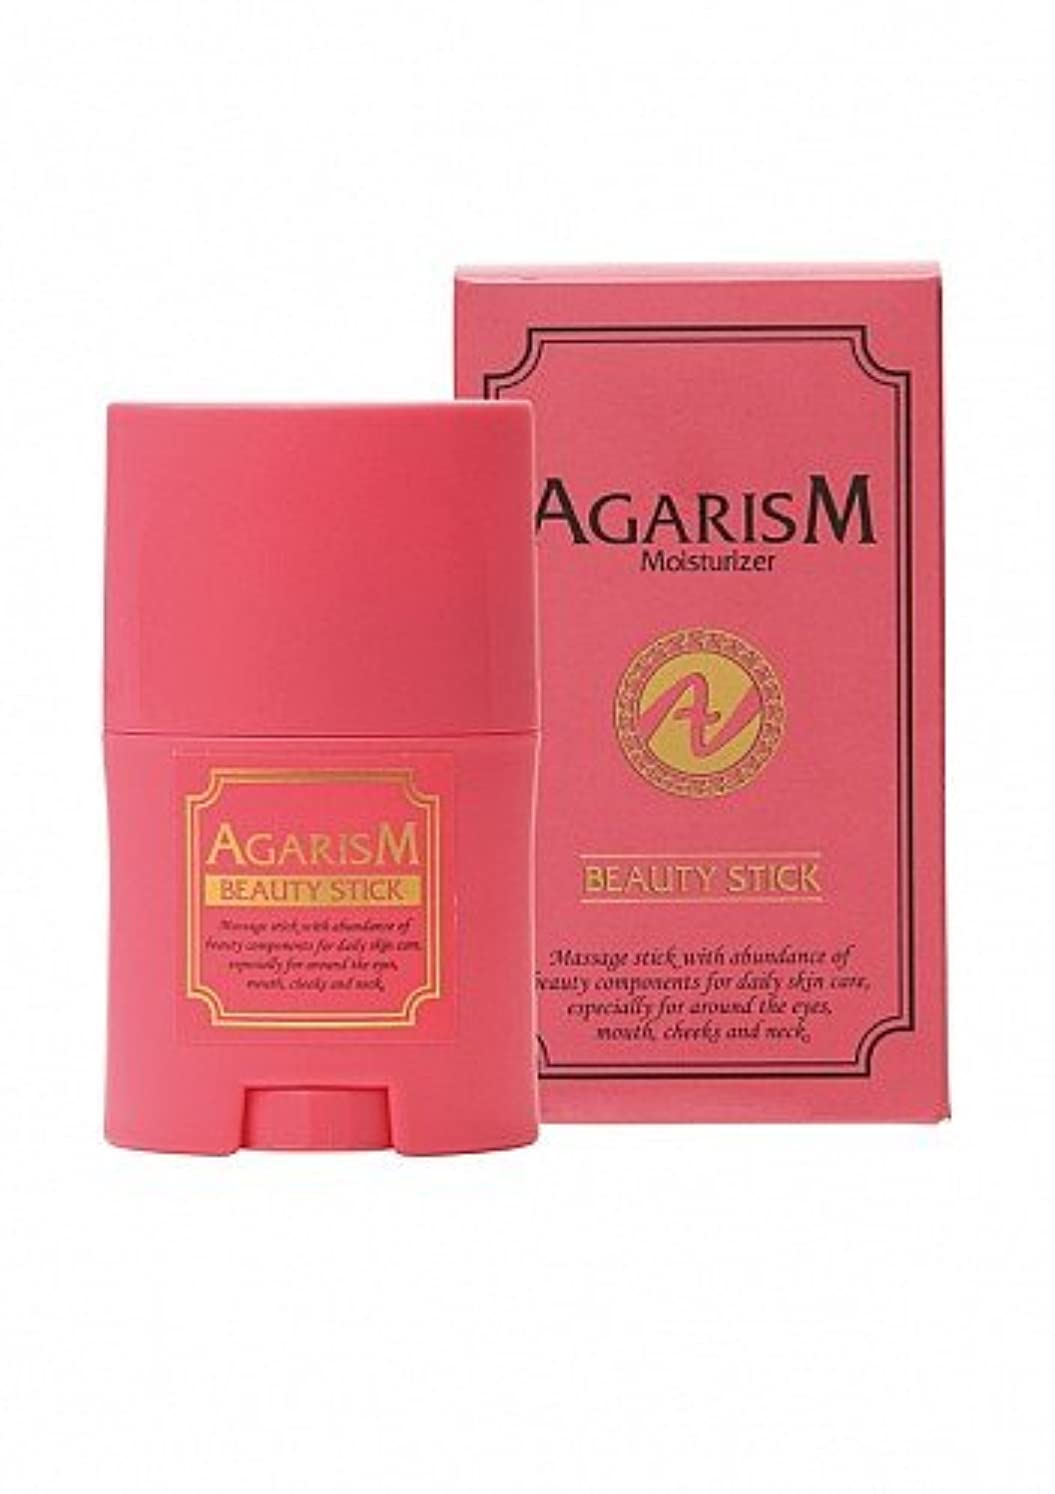 司教満足させる集団的AGARISM モイスチャライザー アガリズム 小顔ローラー 美容クリーム むくみ防止 保湿 引き締め成分 天然オイル配合